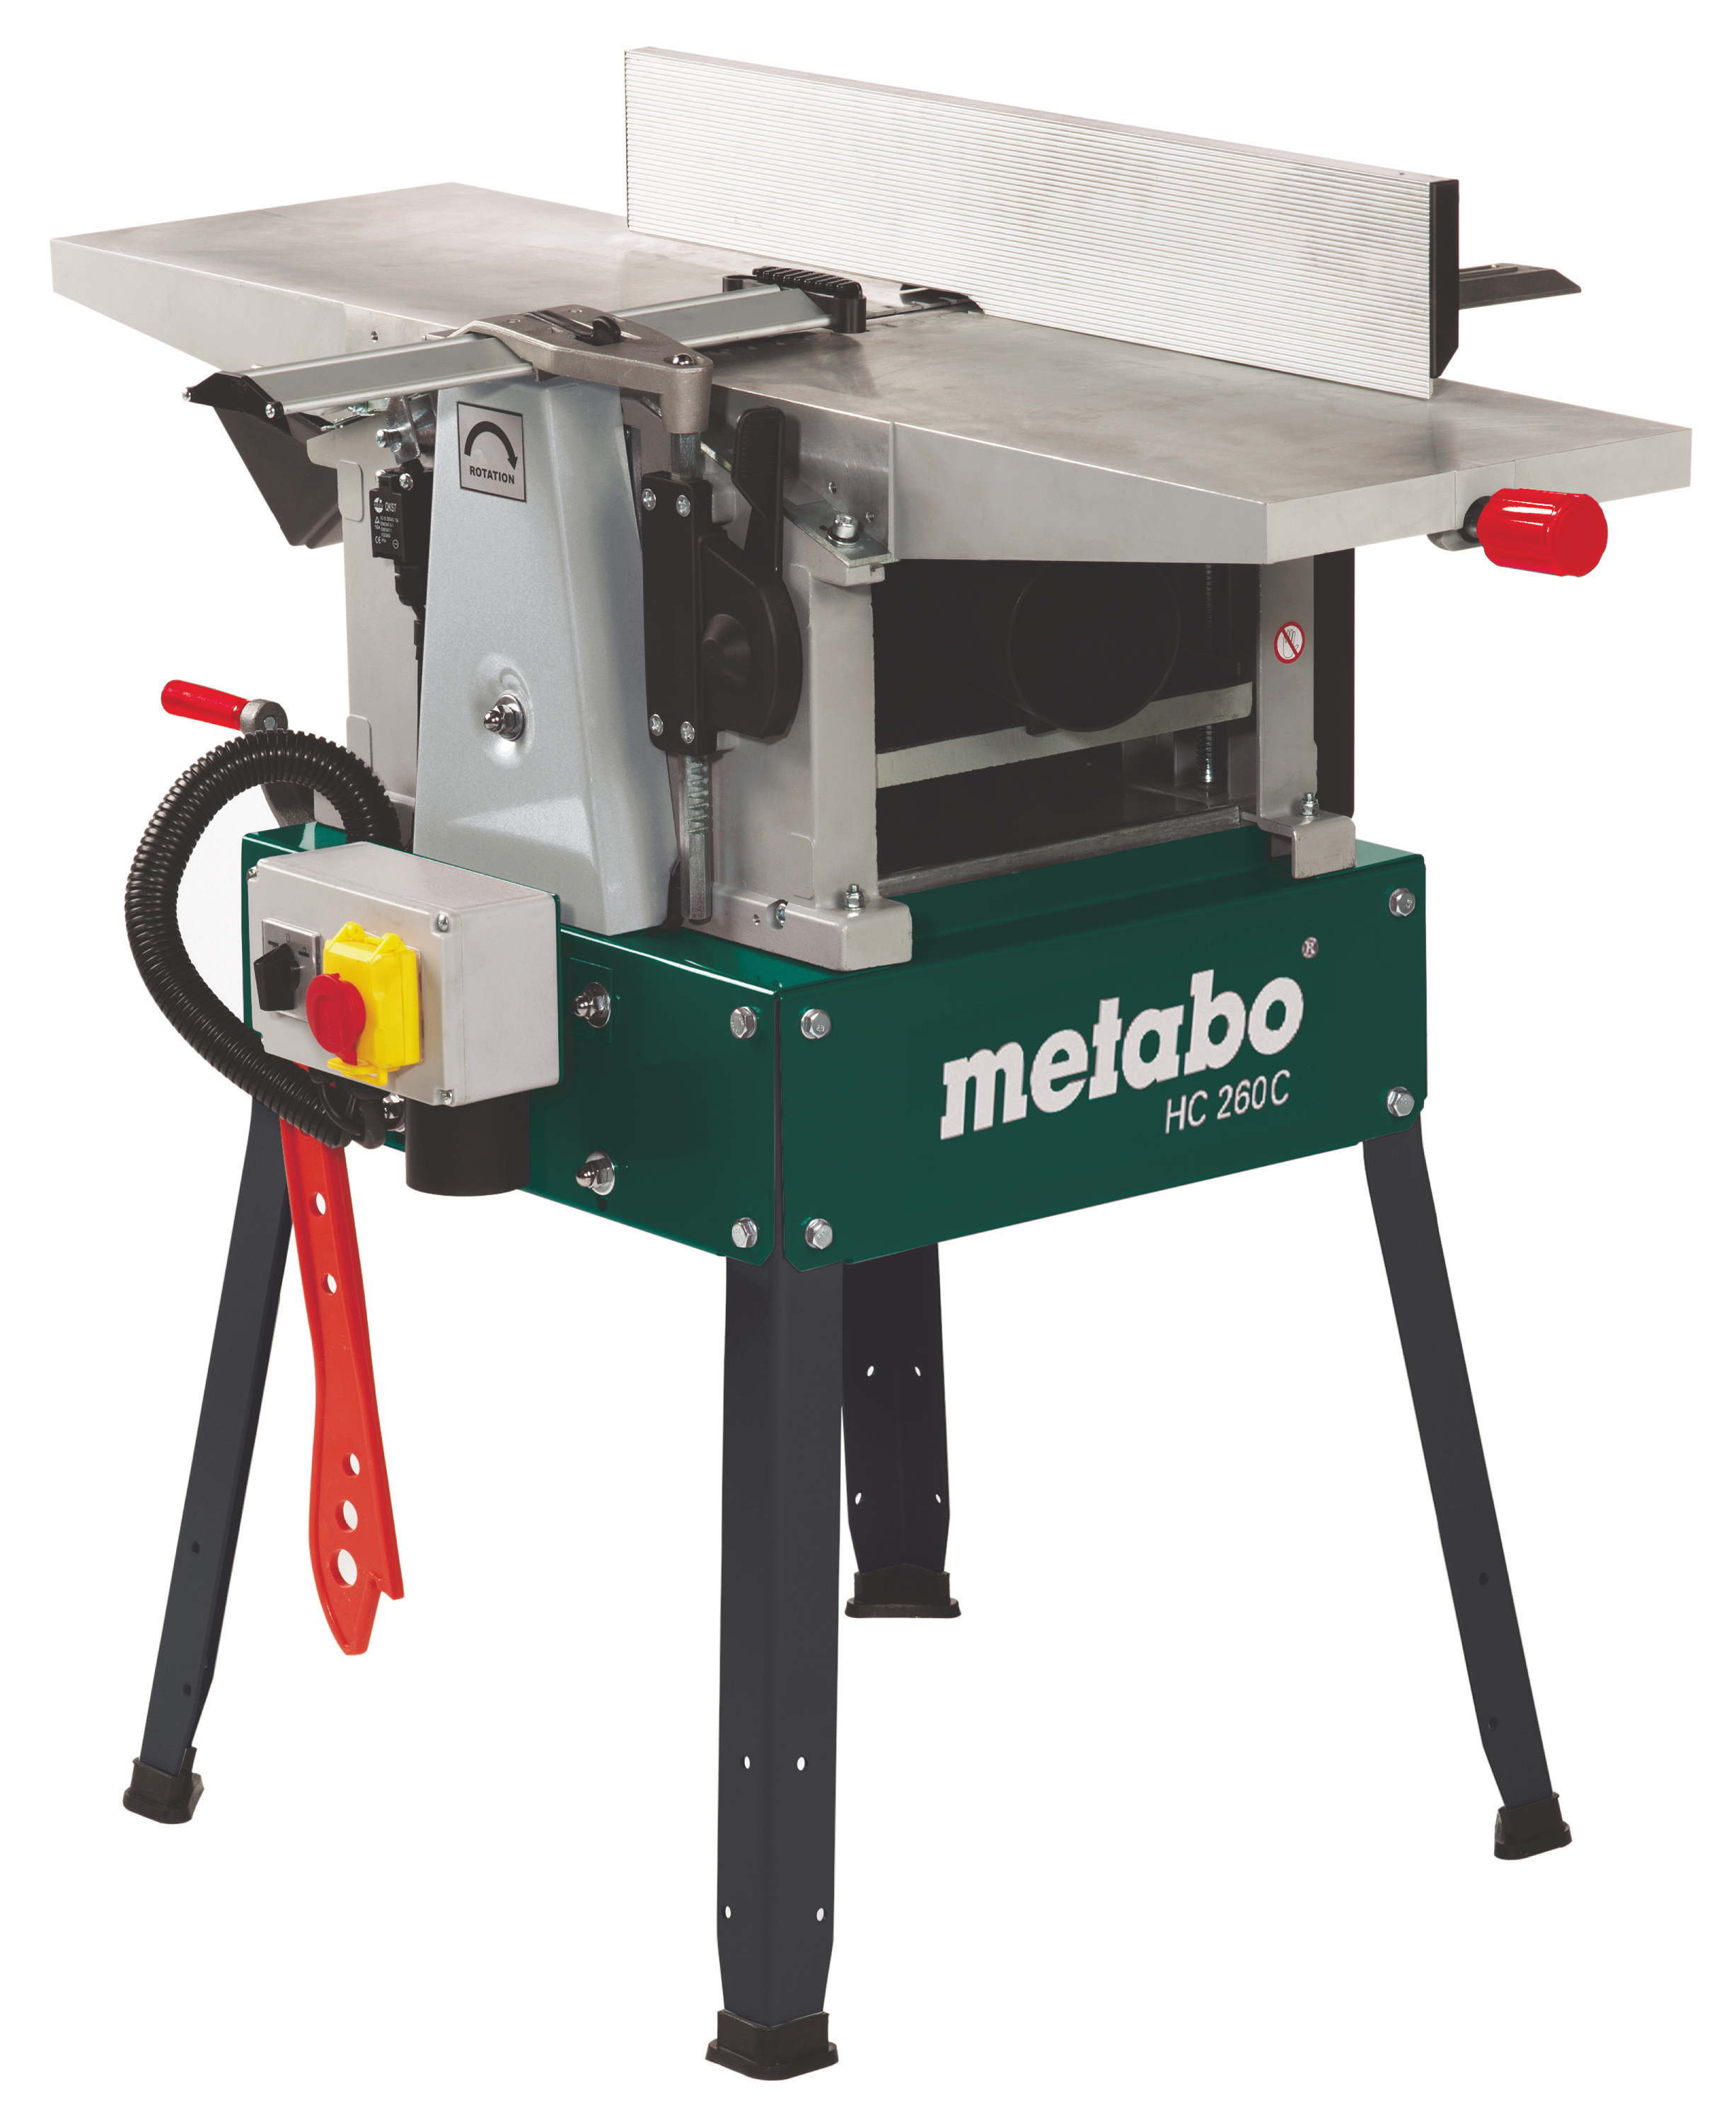 Рейсмус Metabo HC 260 C - 2,8 DNB  рейсмус metabo dh 330